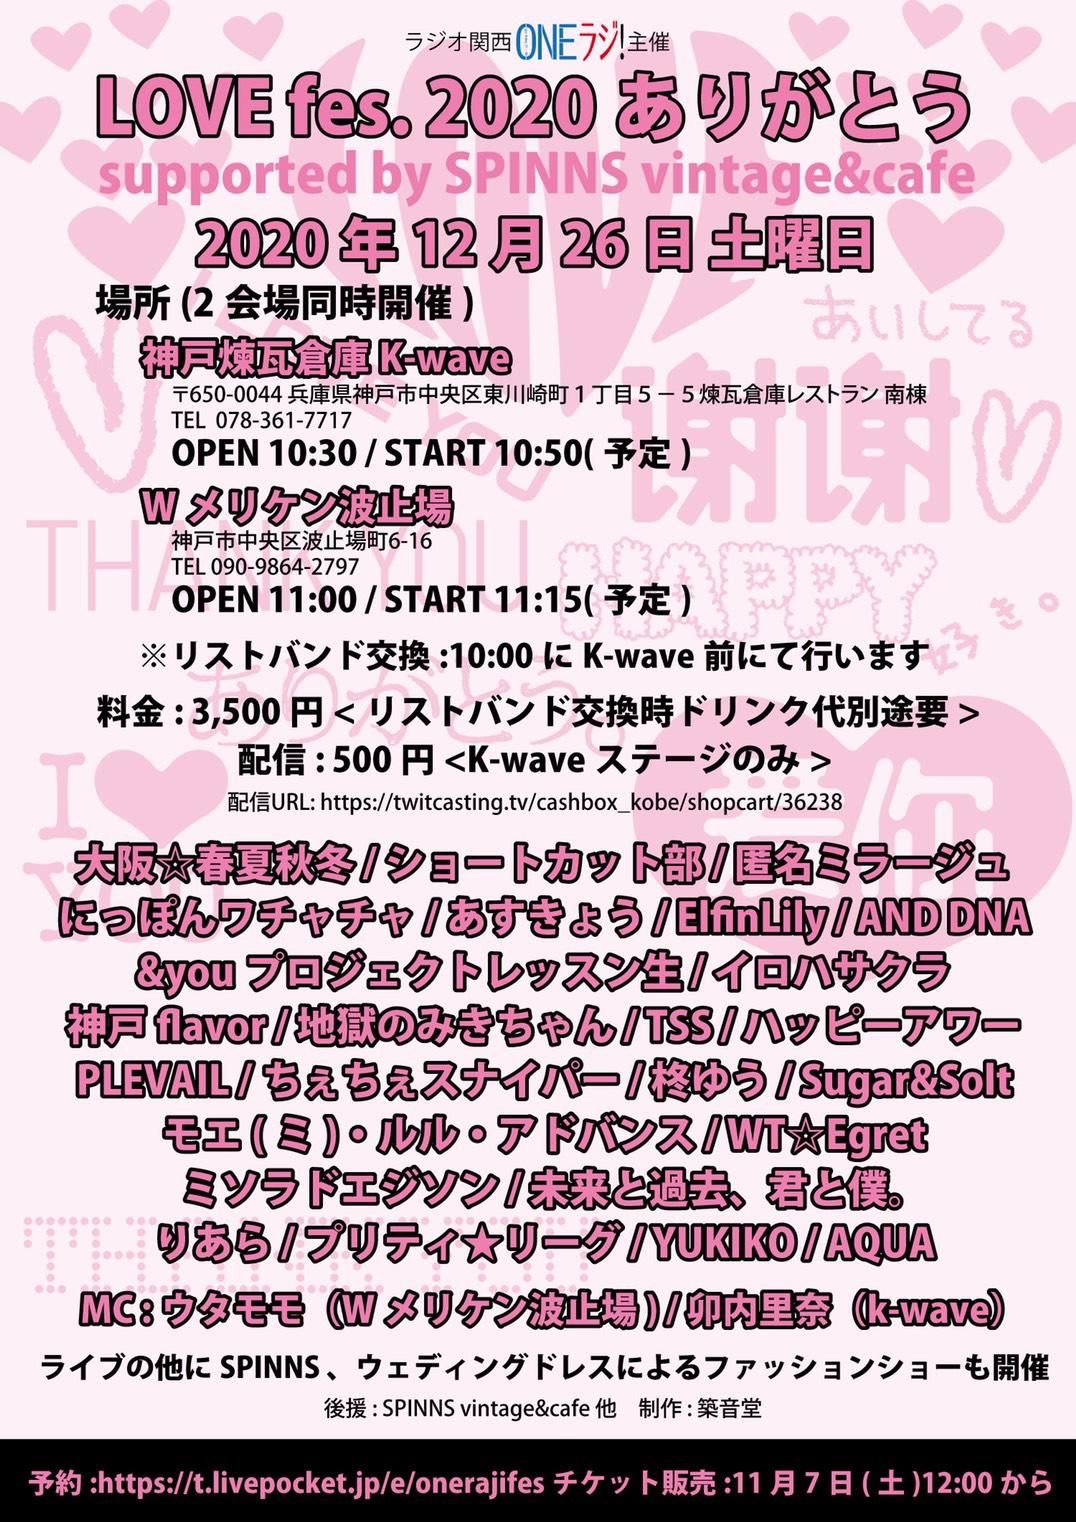 ラジオ関西 「ONEラジ! 」主催 『LOVE fes. 2020ありがとう』supported by SPINNS vintage&cafe